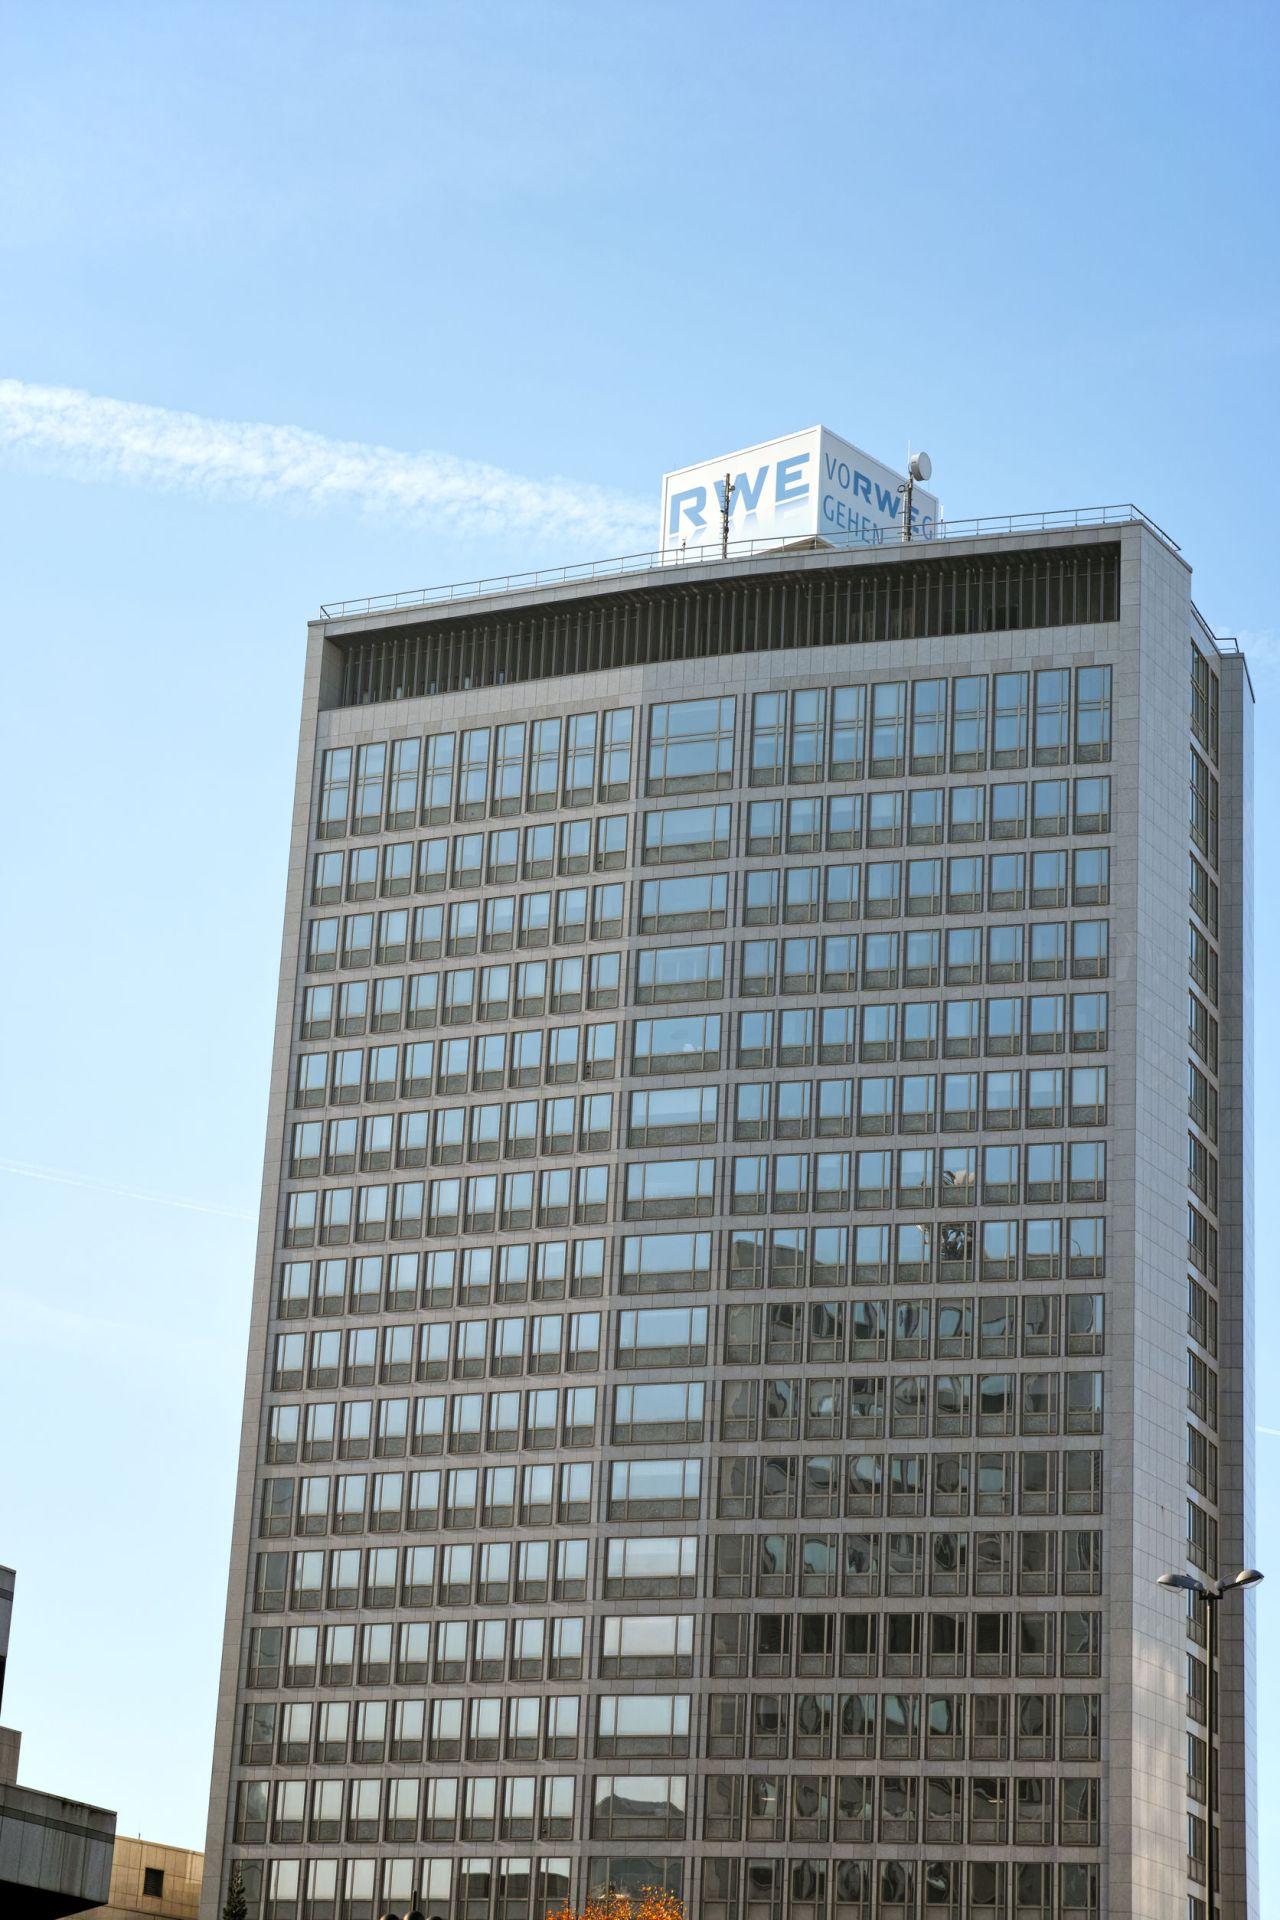 RWE headquarters building in Essen, Germany (123rf)